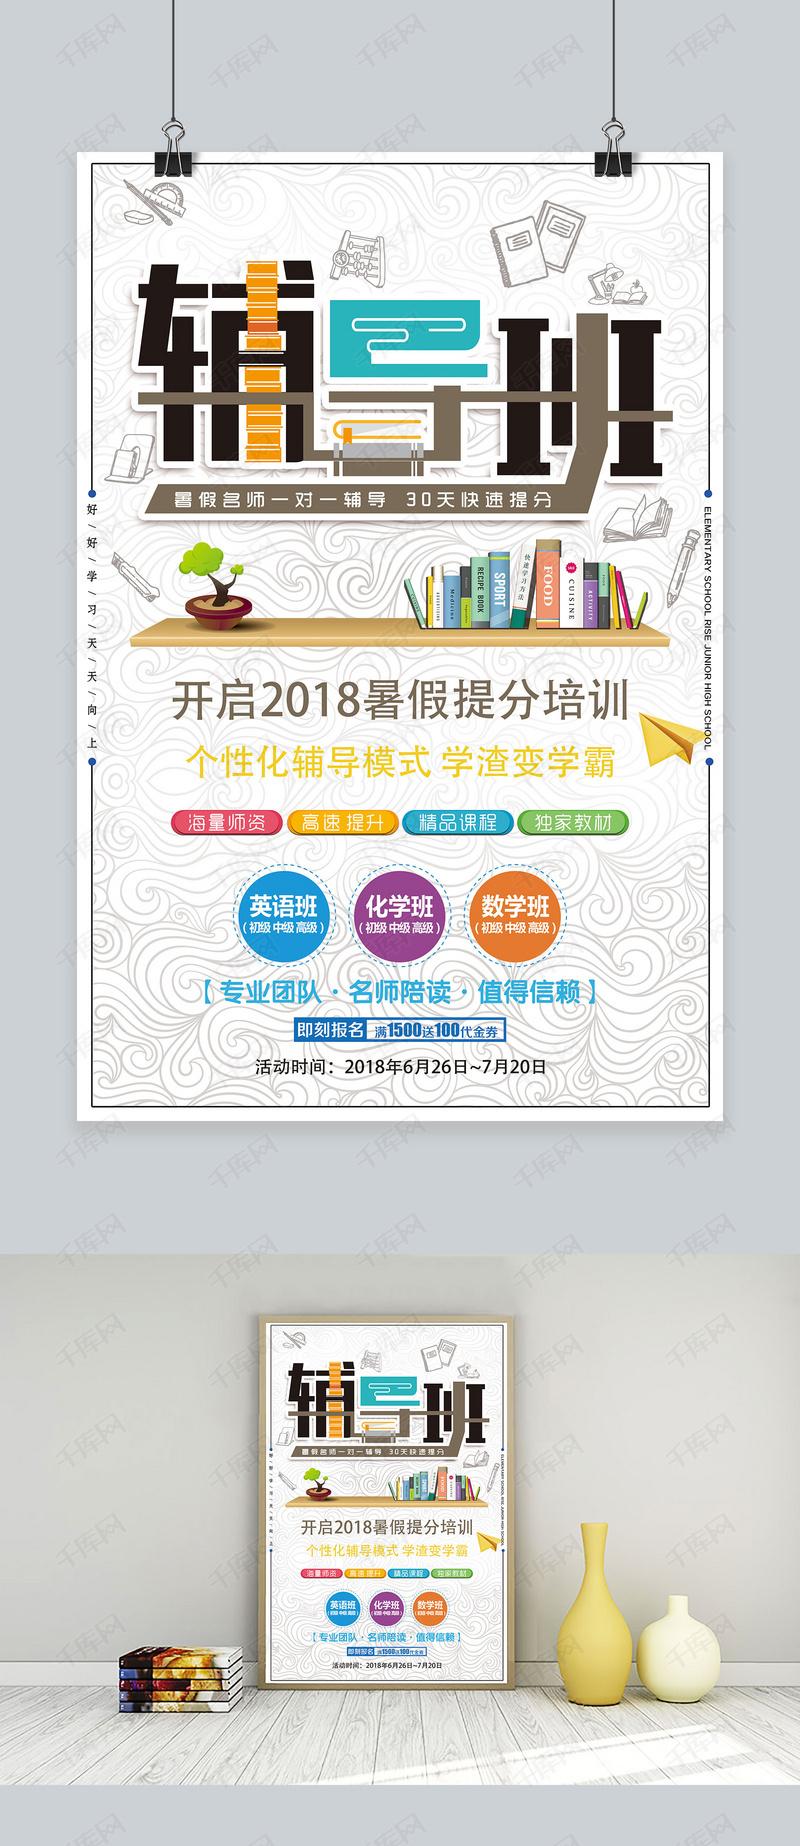 千库原创暑假辅导培训班招生海报